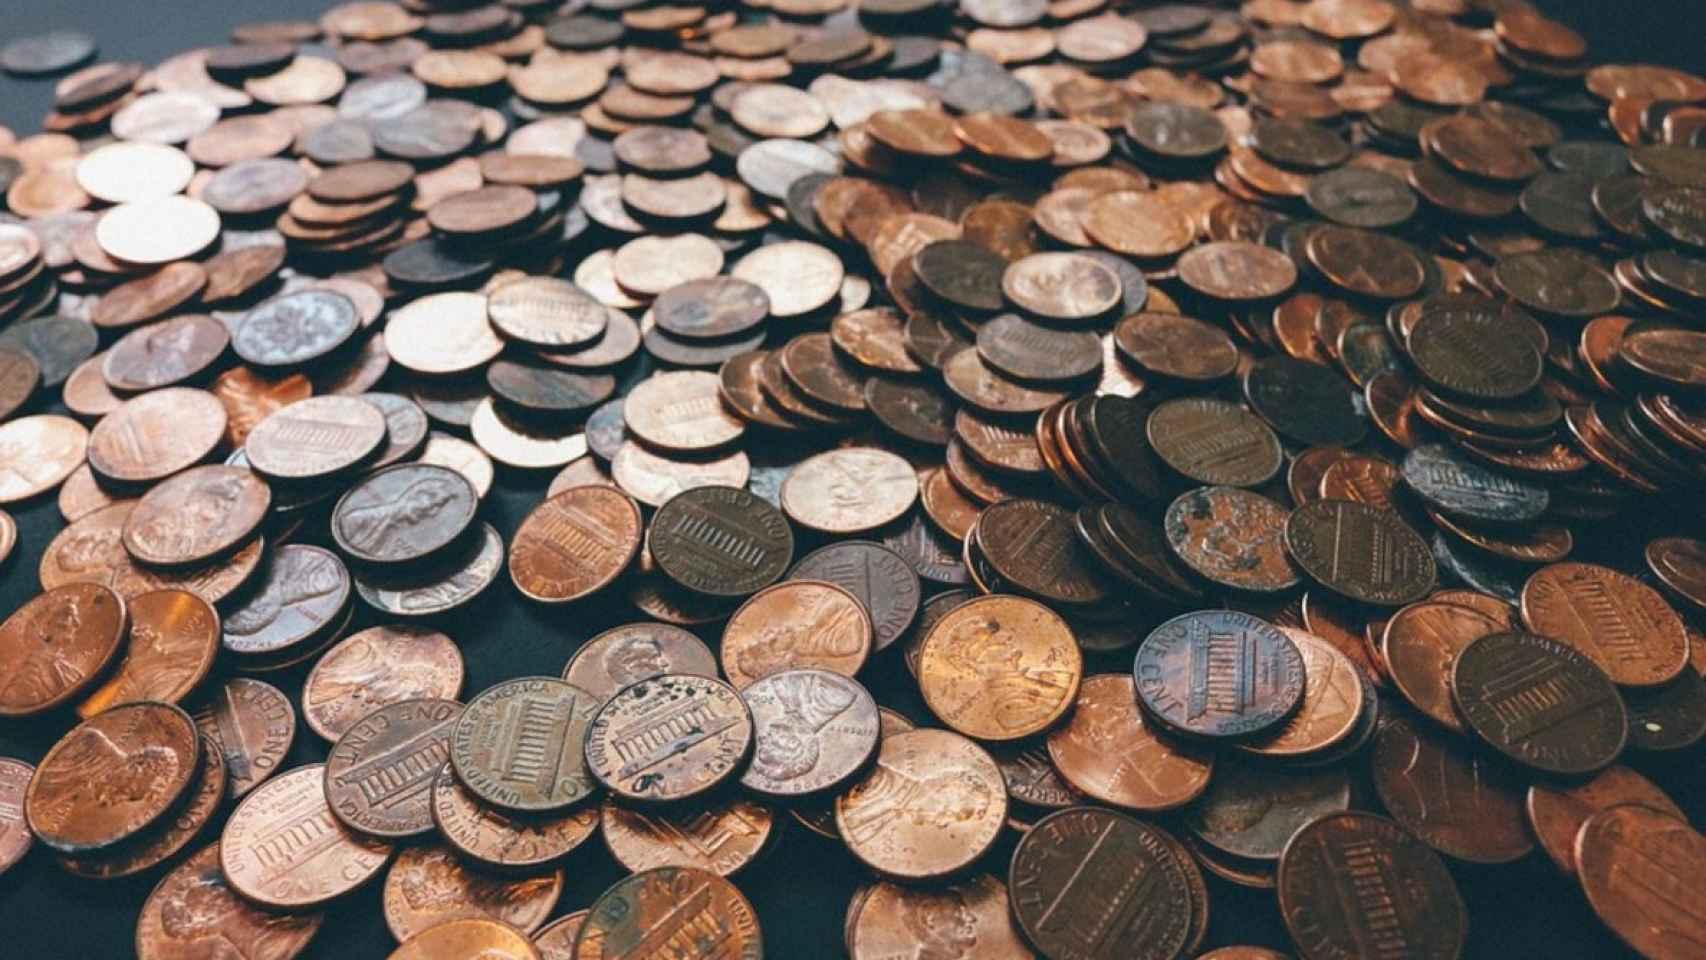 monedas-dinero-pixabay